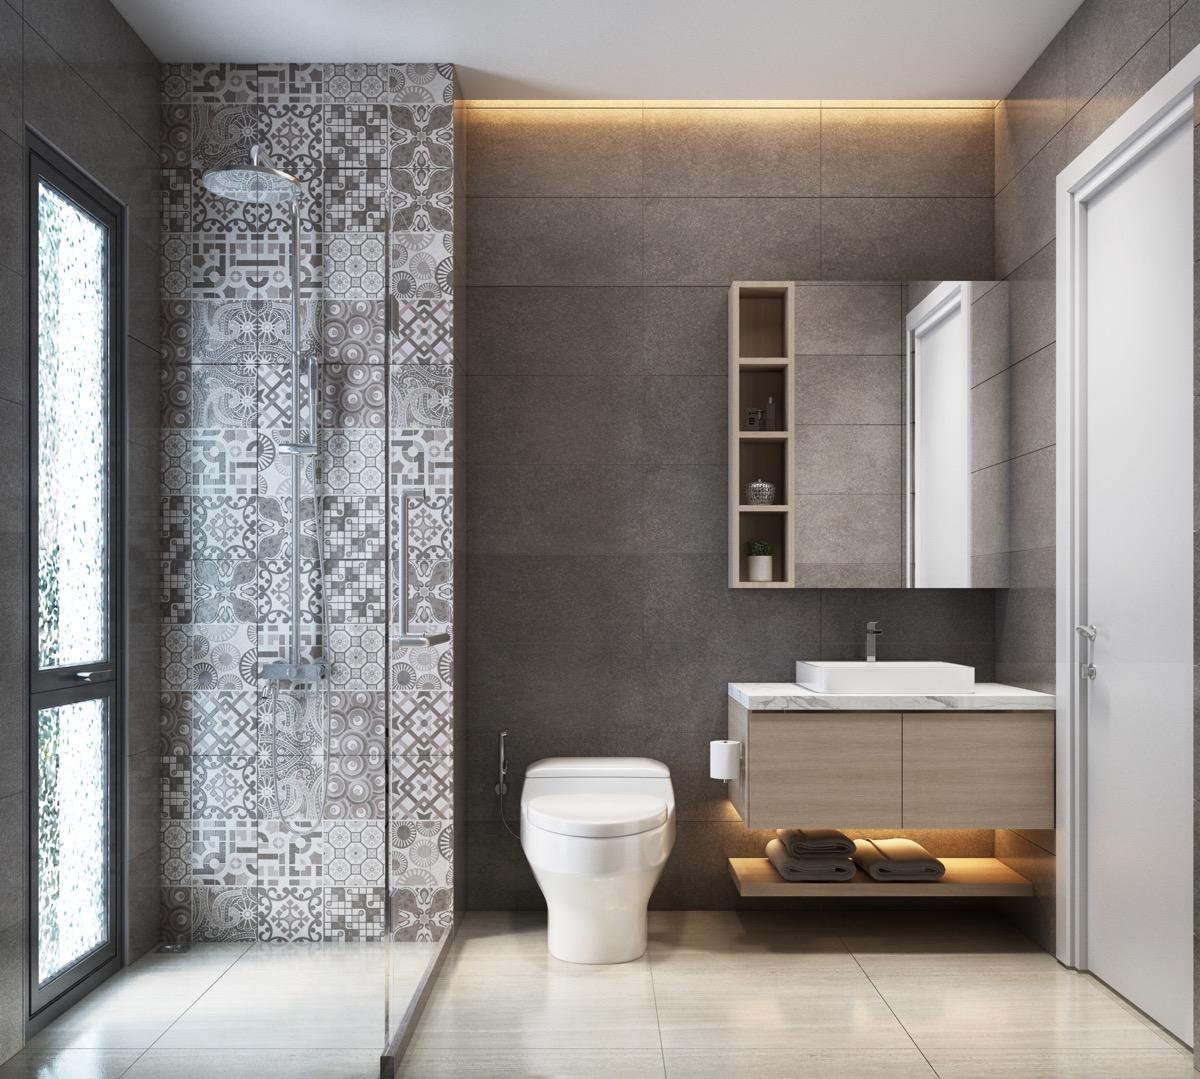 Kiến trúc sư vấn thiết kế căn hộ 67m² 3 phòng ngủ với chi phí 93 triệu đồng - Ảnh 9.